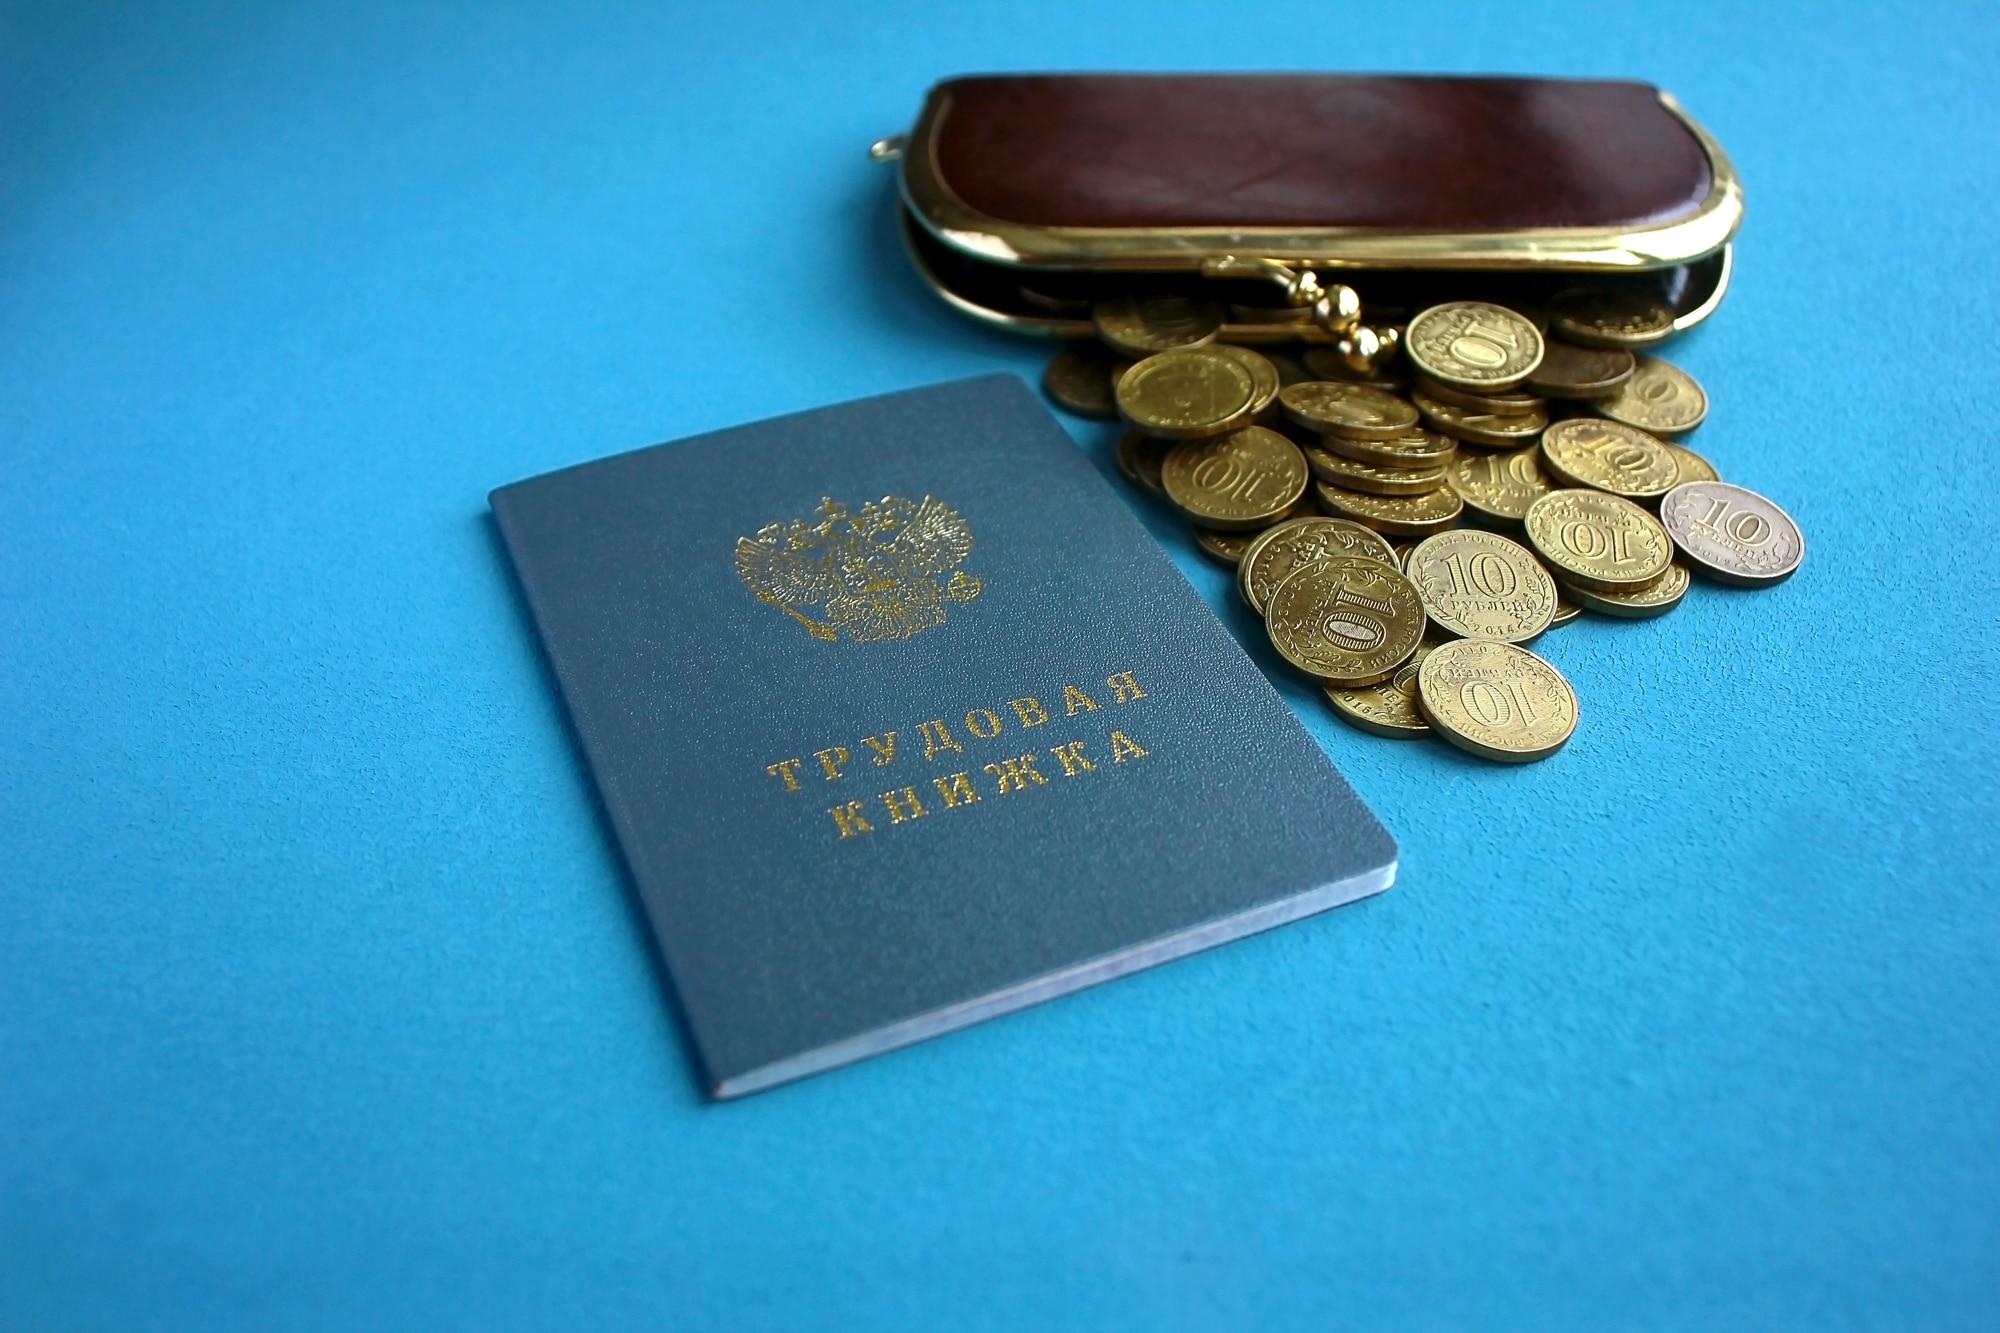 Как в России получить статус безработного, пособие и другие выплаты, в том числе из-за коронавируса?